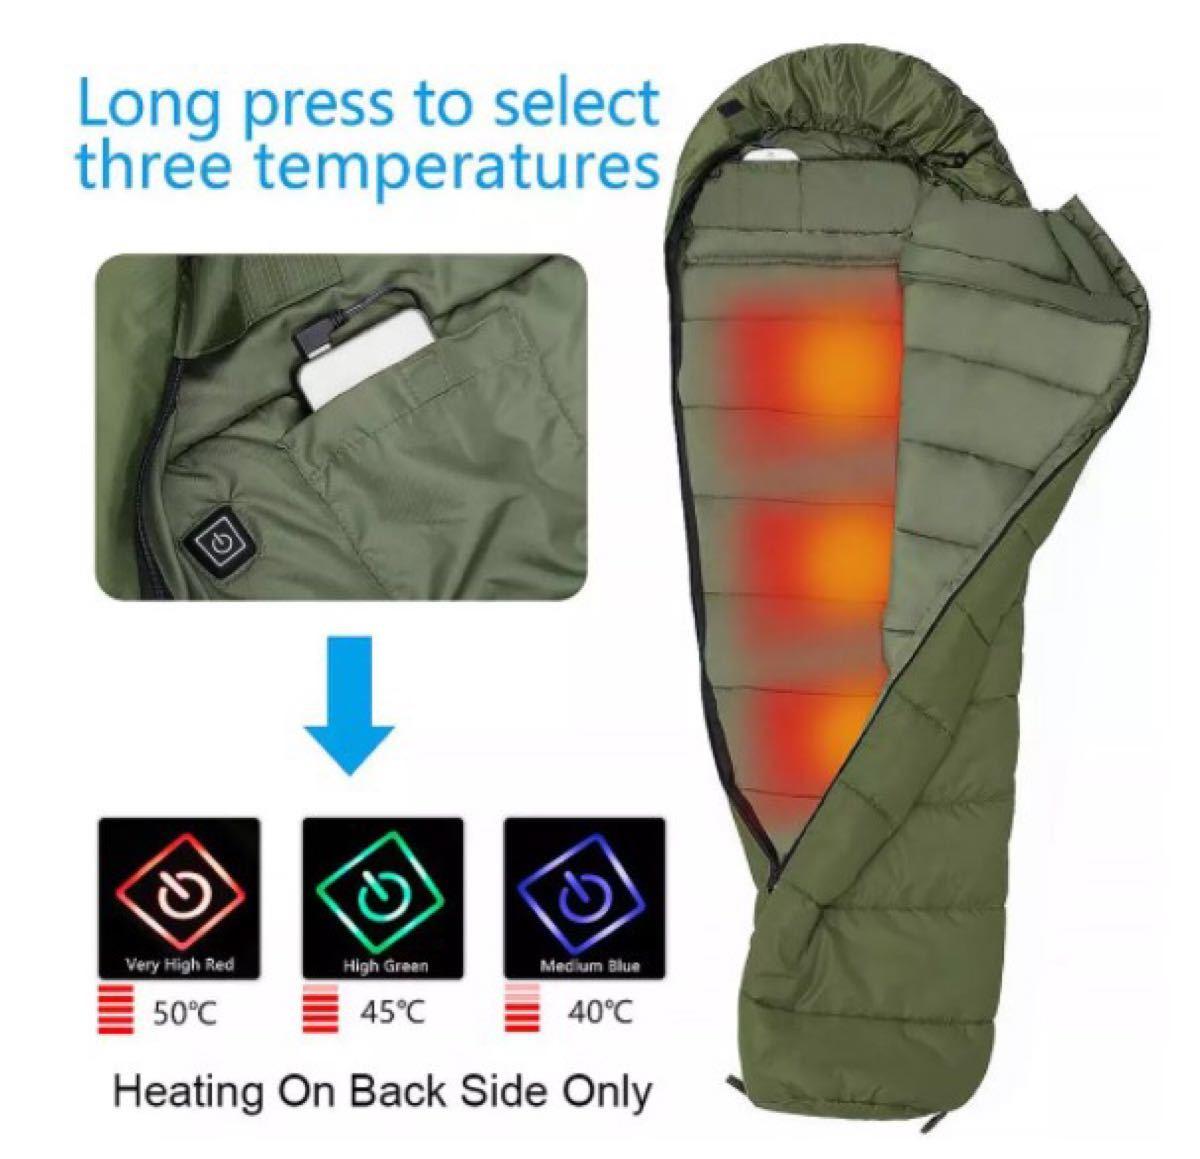 新品 マミー型 電熱シュラフ 3段階調節可能 寝袋 アウトドア キャンプ 登山